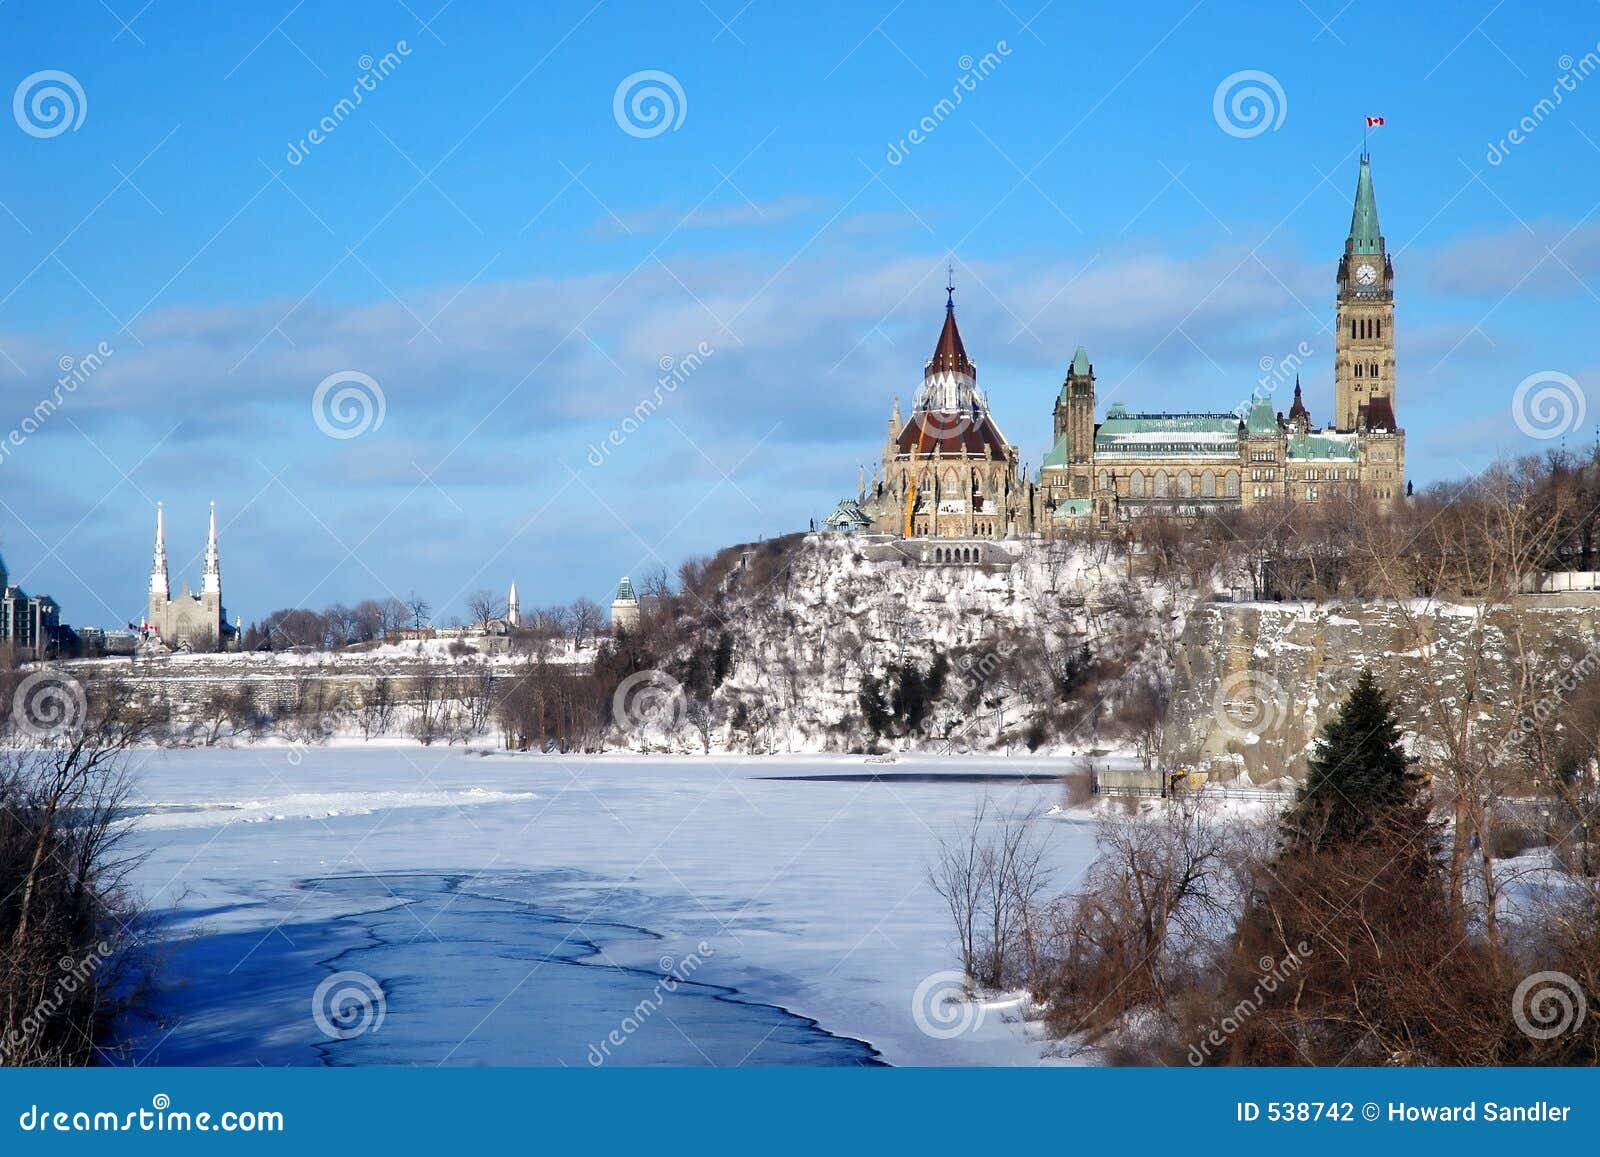 Download 小山渥太华议会 库存照片. 图片 包括有 旅行, 资本, 小山, 冬天, 渥太华, 议会, 加拿大, 和平 - 538742